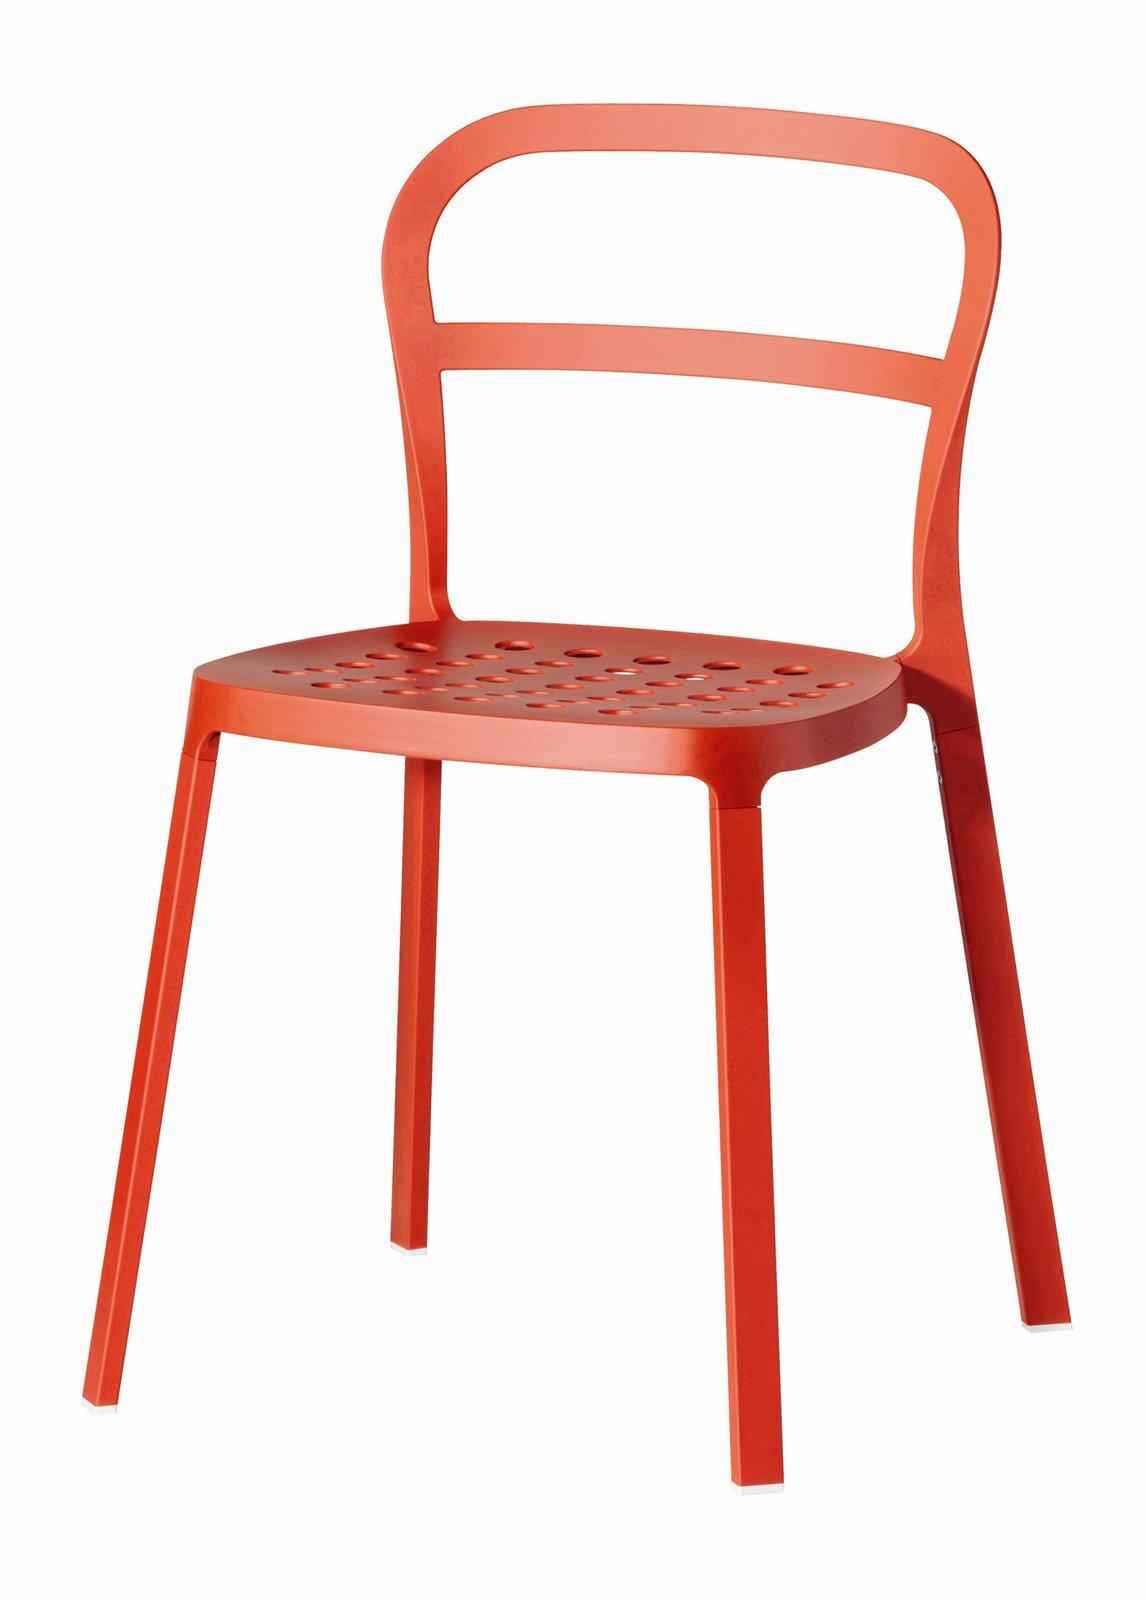 sedie low cost. 15 modelli a meno di 100 euro - cose di casa - Sedie Per Soggiorno Economiche 2